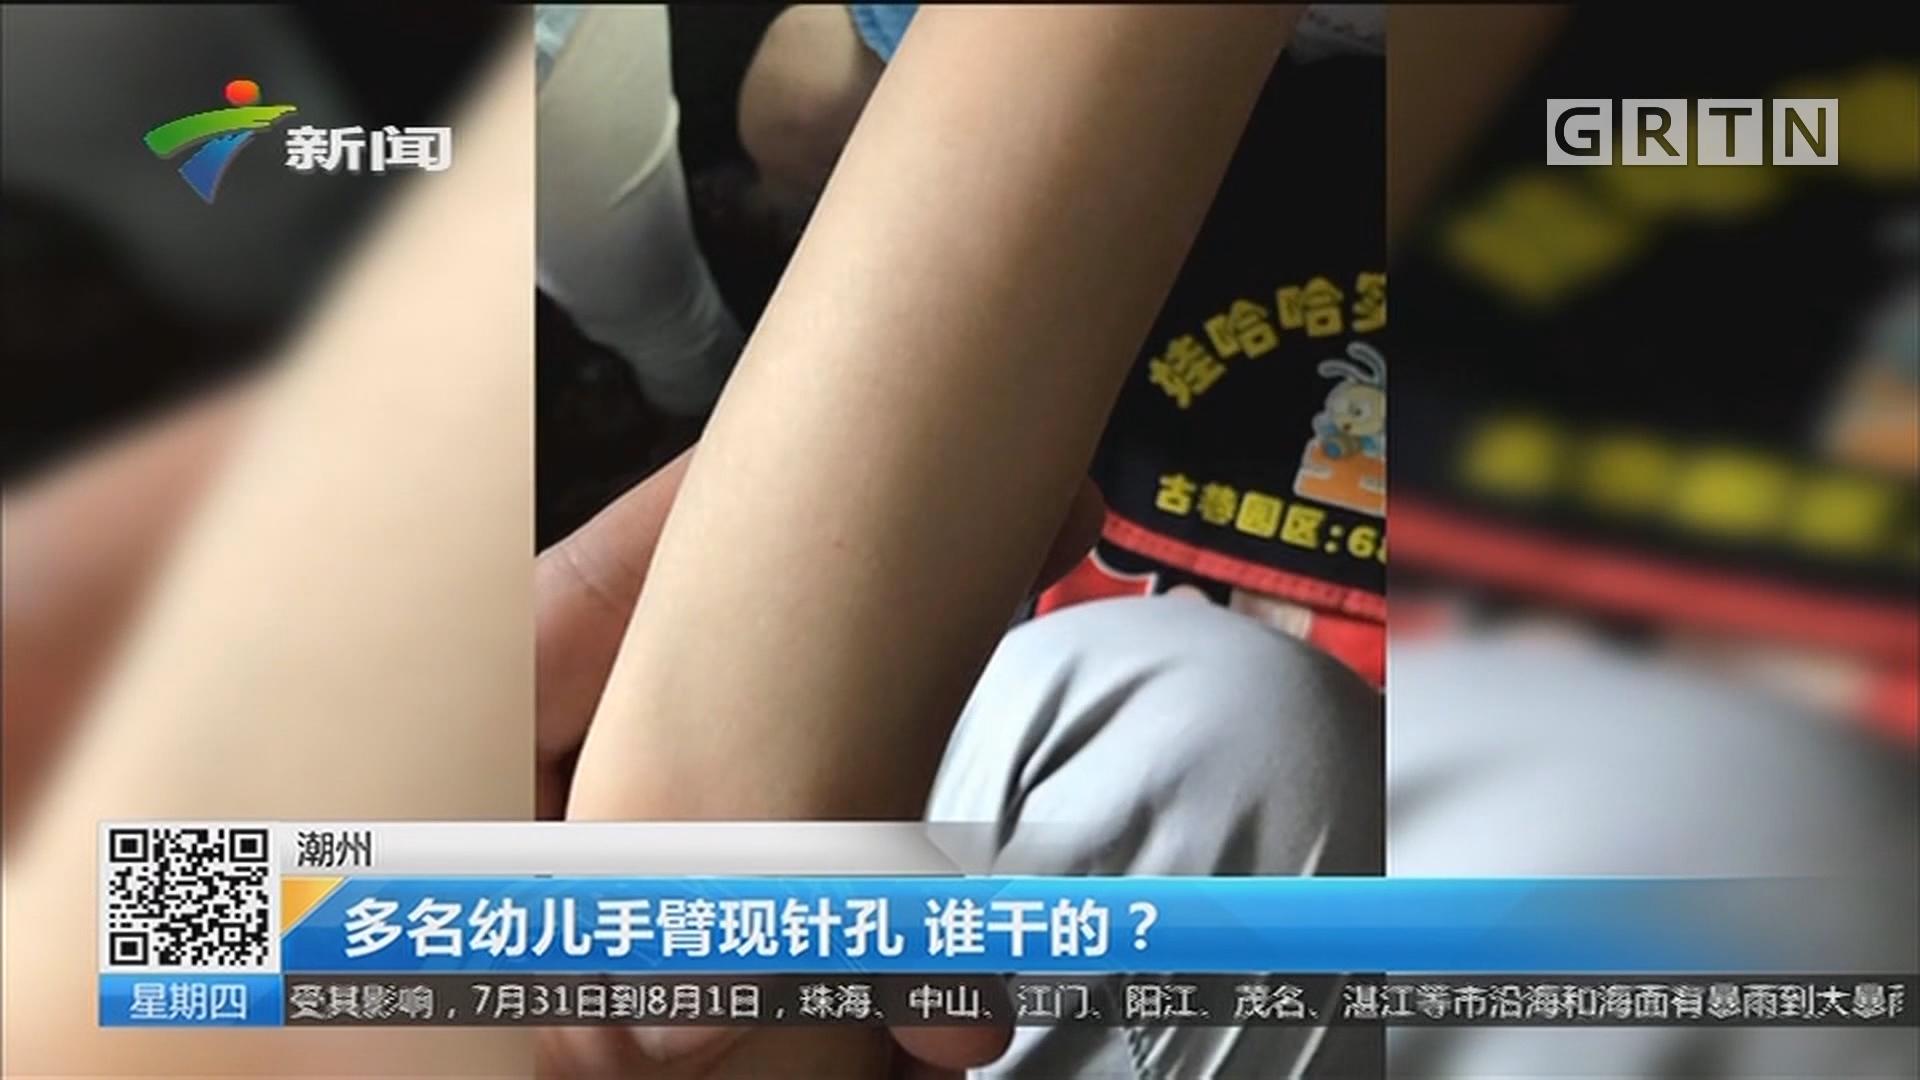 潮州:多名幼儿手臂现针孔 谁干的?